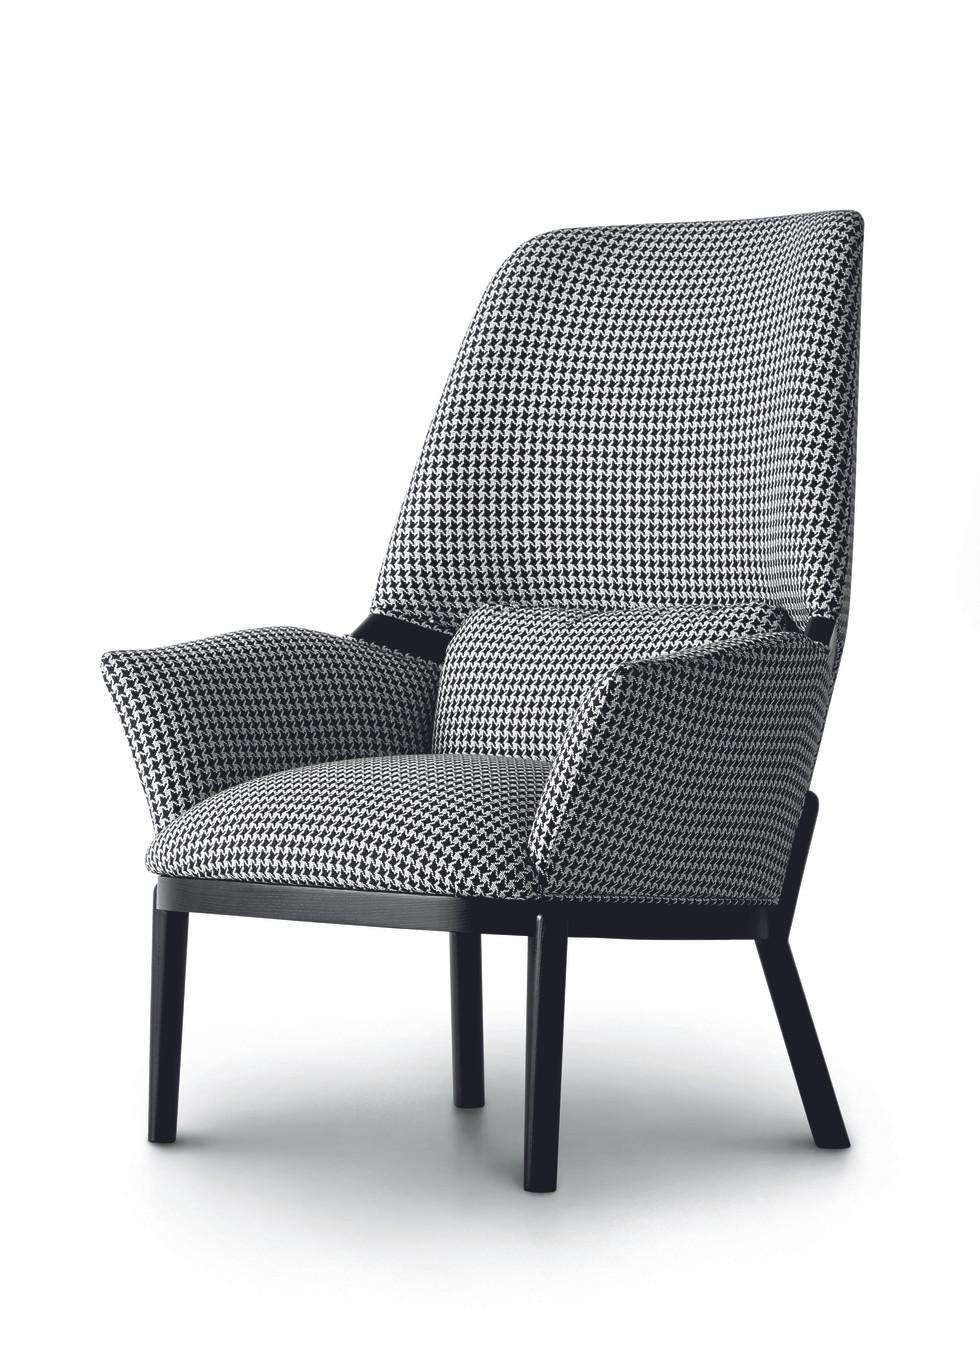 arflex-serena-design-luca-nichettojpg